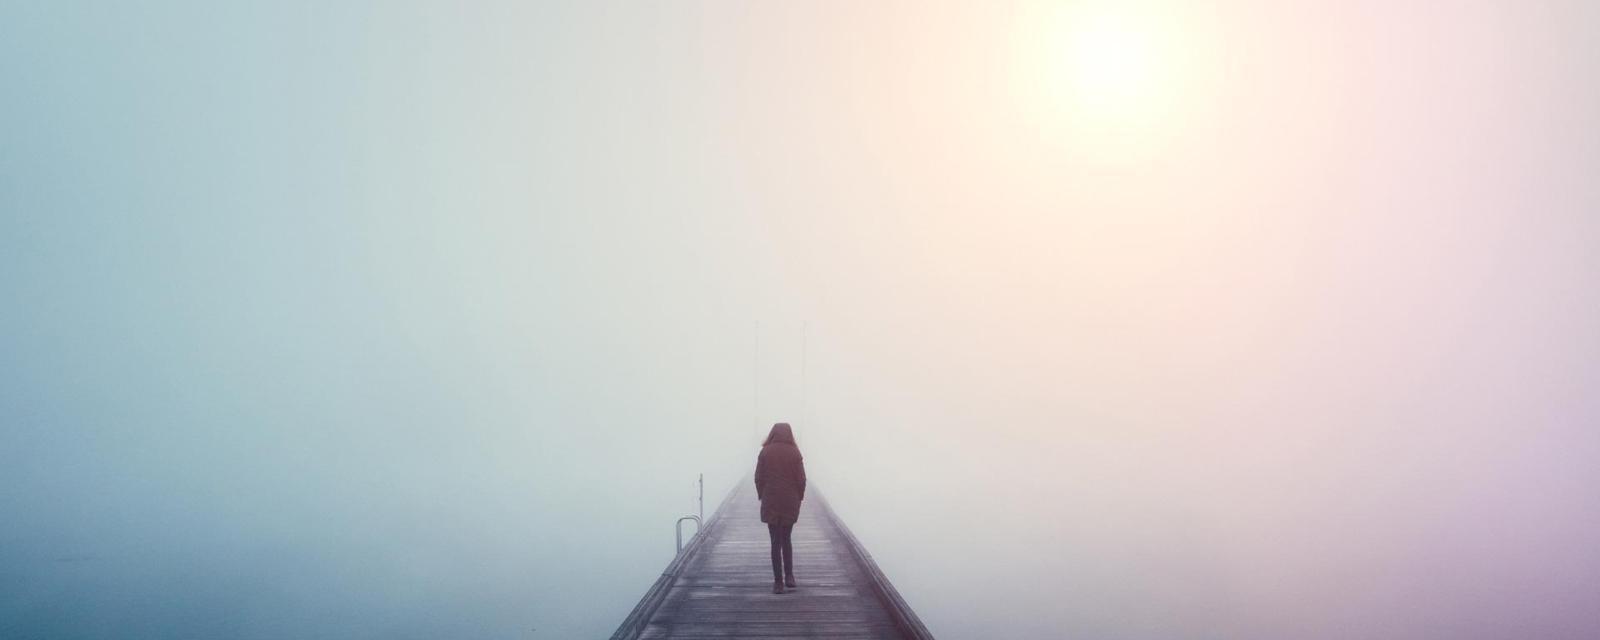 孤独的空巢青年不必忧伤 那种感觉能激发创造力